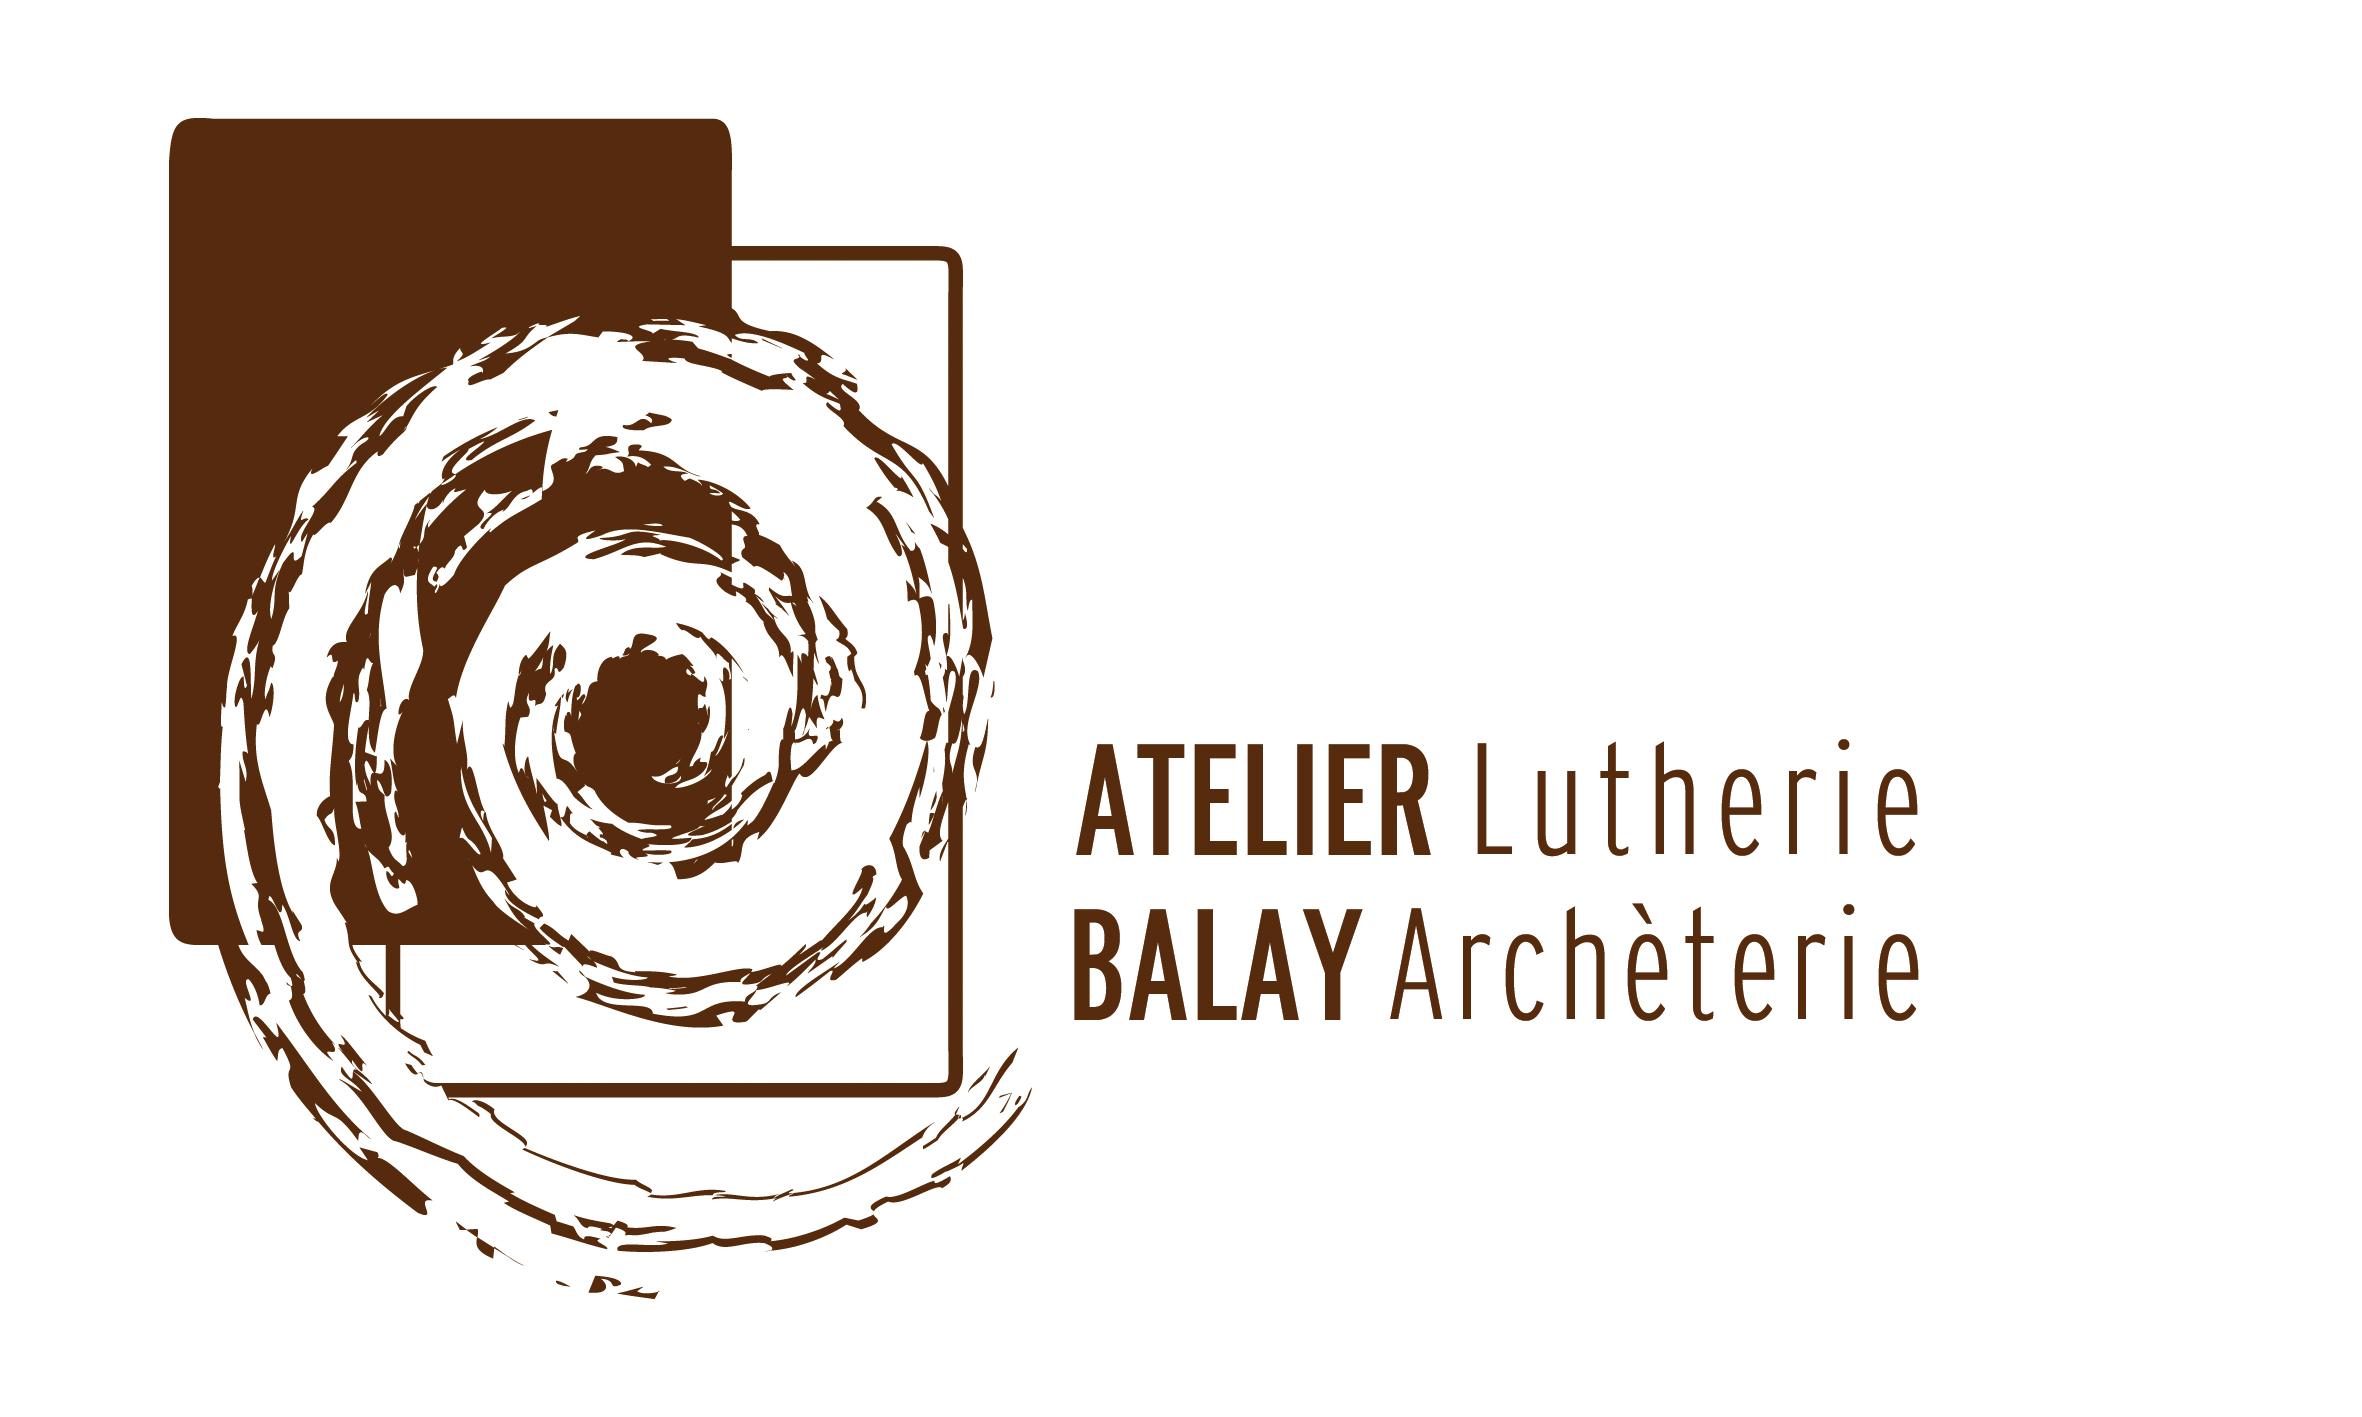 Atelier Balay, luthier à Nanterre, partenaire du stage de musique Accordissimo